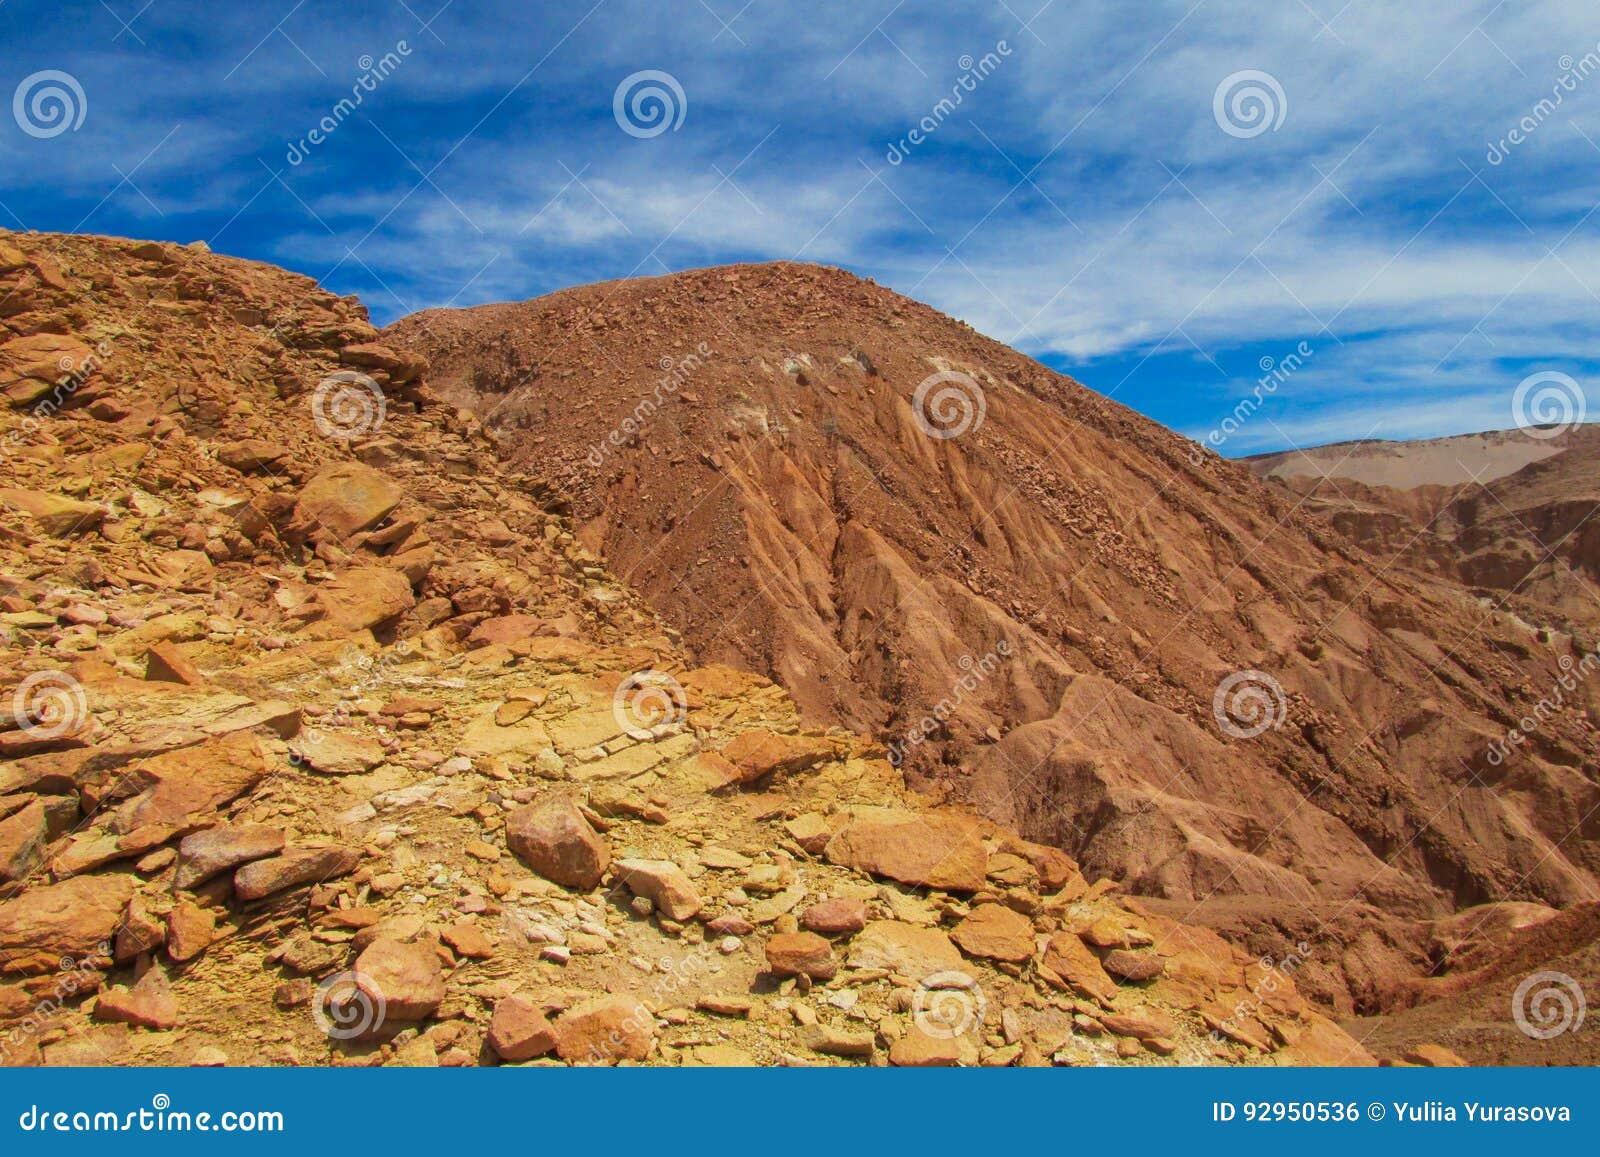 Atacama desert mountain slopes